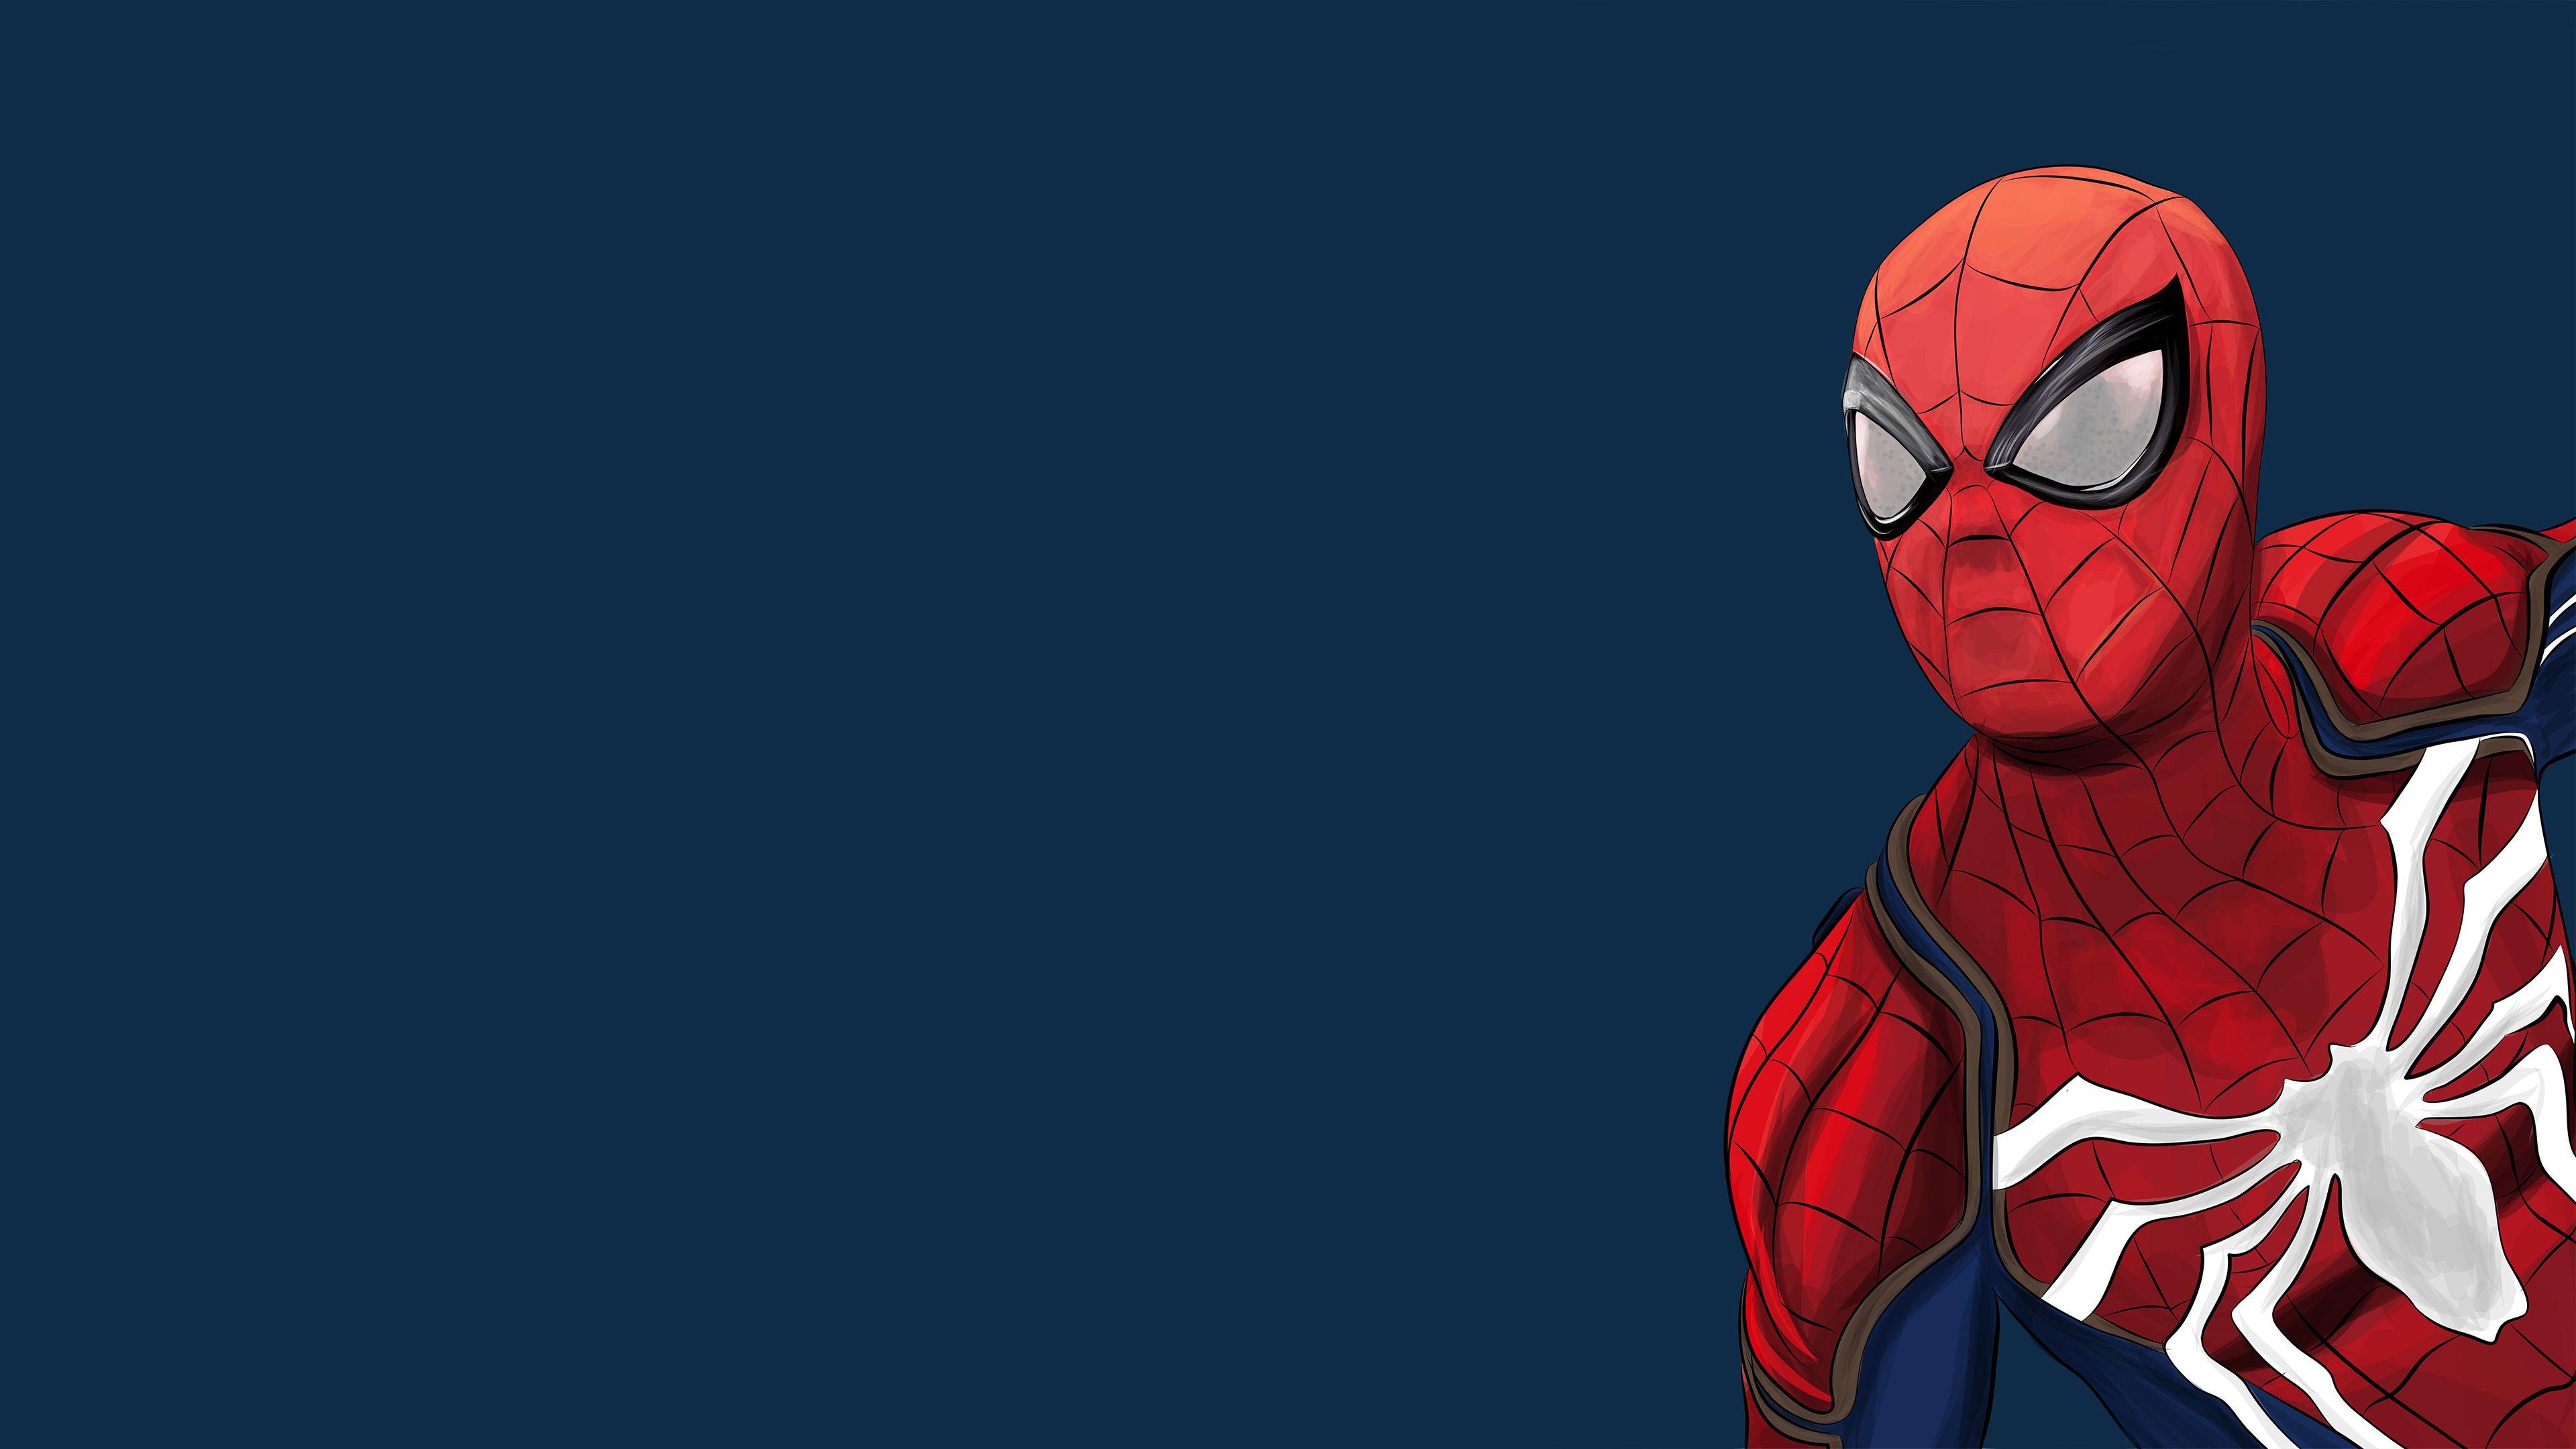 Spiderman Ps4 Artwork 4k 2018 Superheroes Wallpapers Spiderman Wallpapers Spiderman Ps4 Wallpape Spiderman Ps4 Wallpaper Spiderman Ps4 Superhero Wallpaper Hd